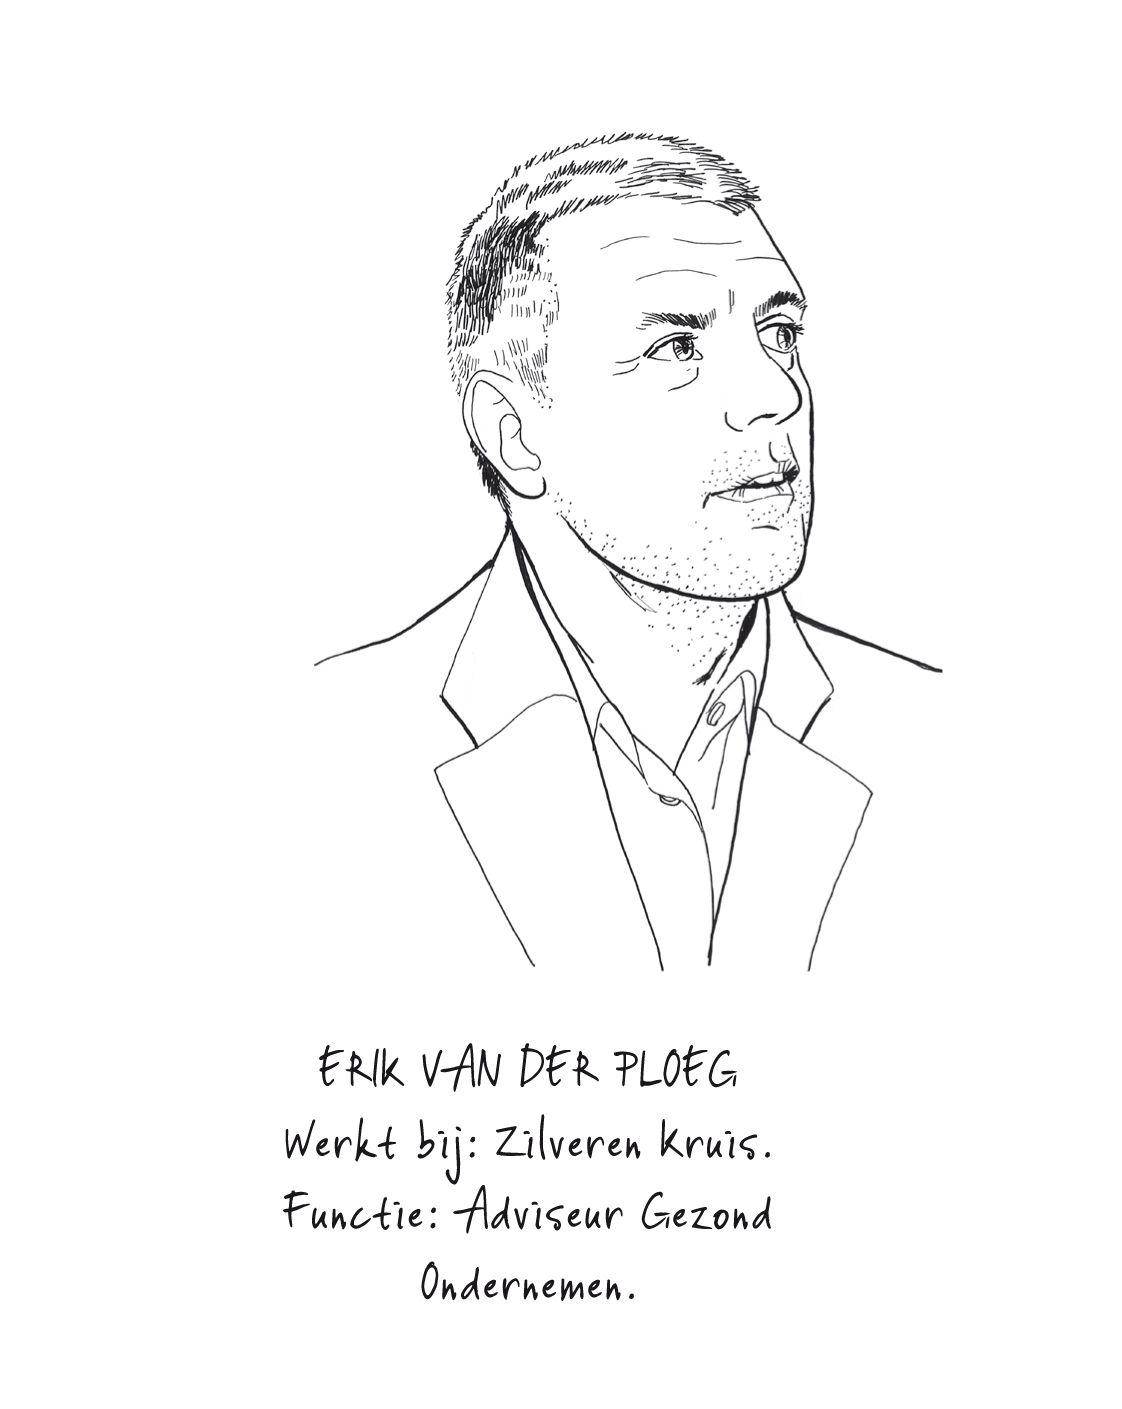 Illustratie van richard@axioma.nl voor Zilveren Kruis Achmea. Bekijk ons werk op www.axioma.nl